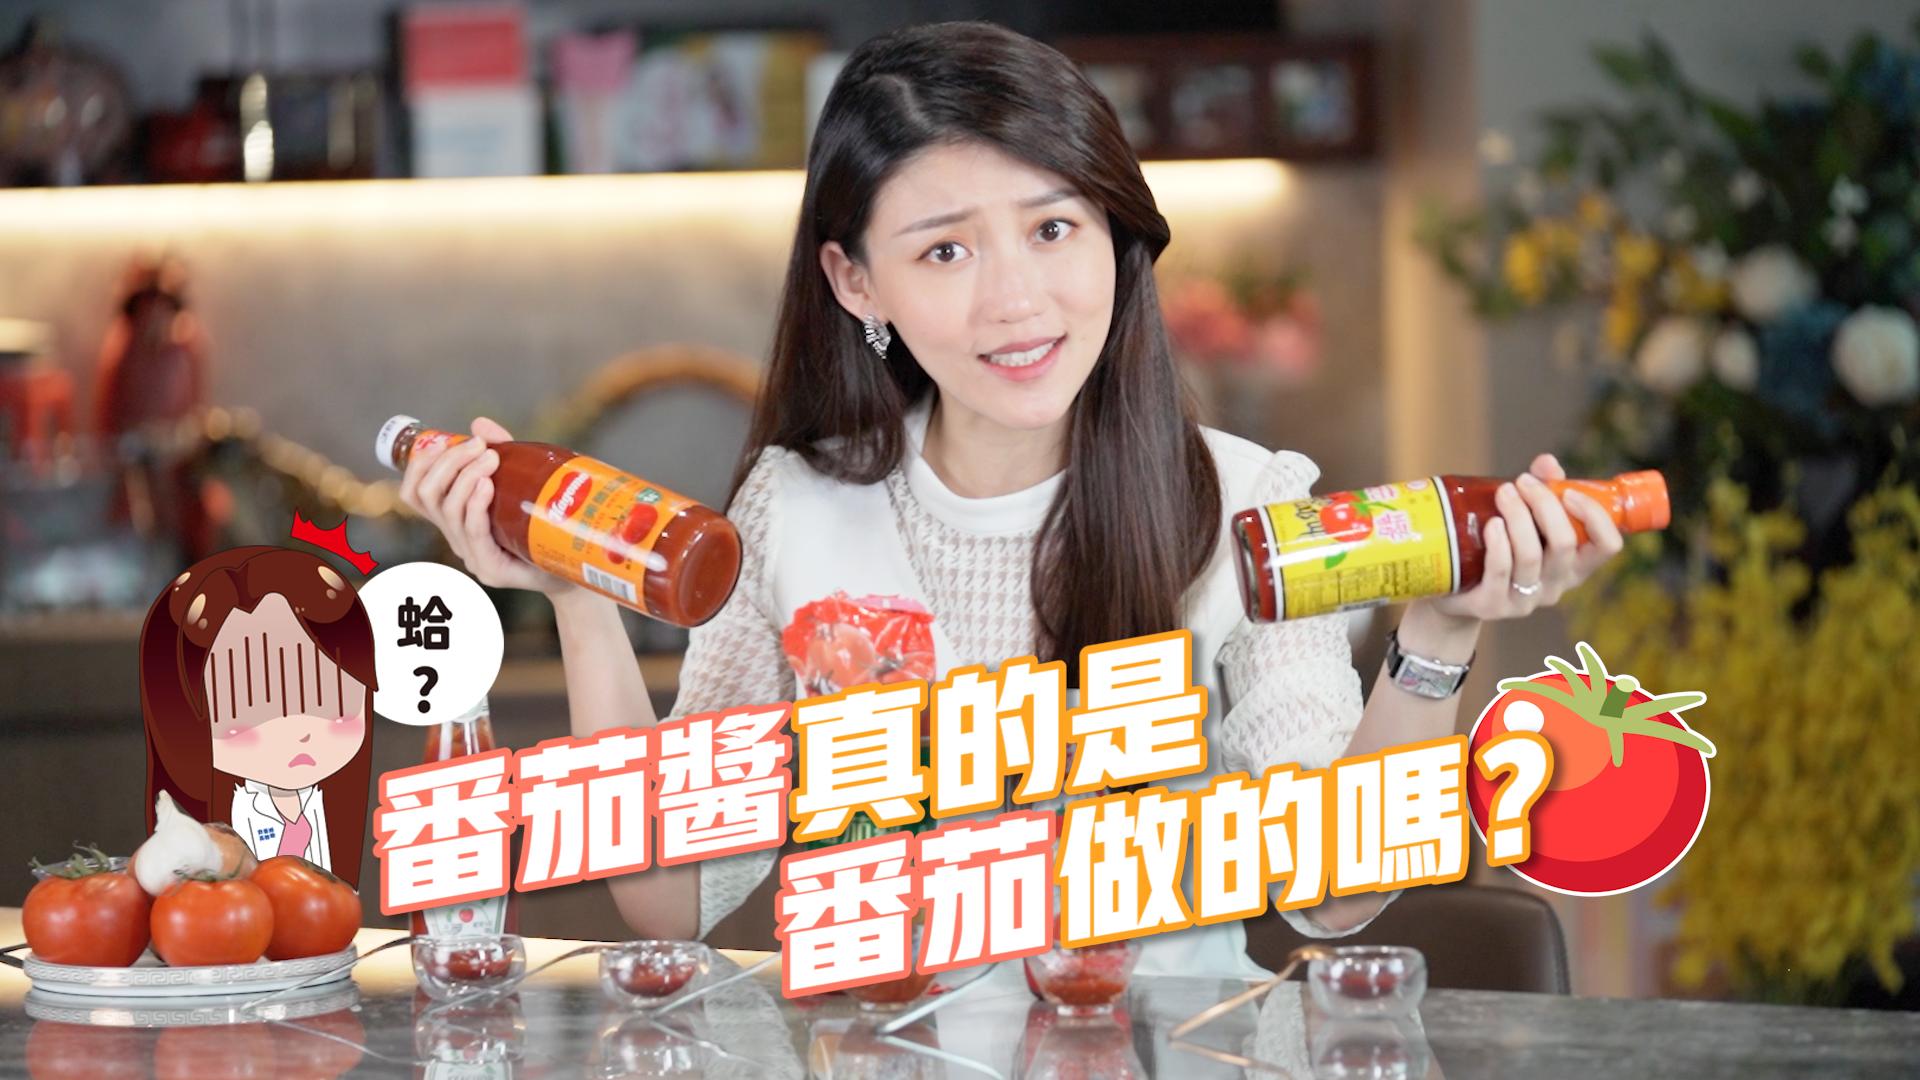 番茄醬真的是番茄做的嗎?|營養師高敏敏療一下